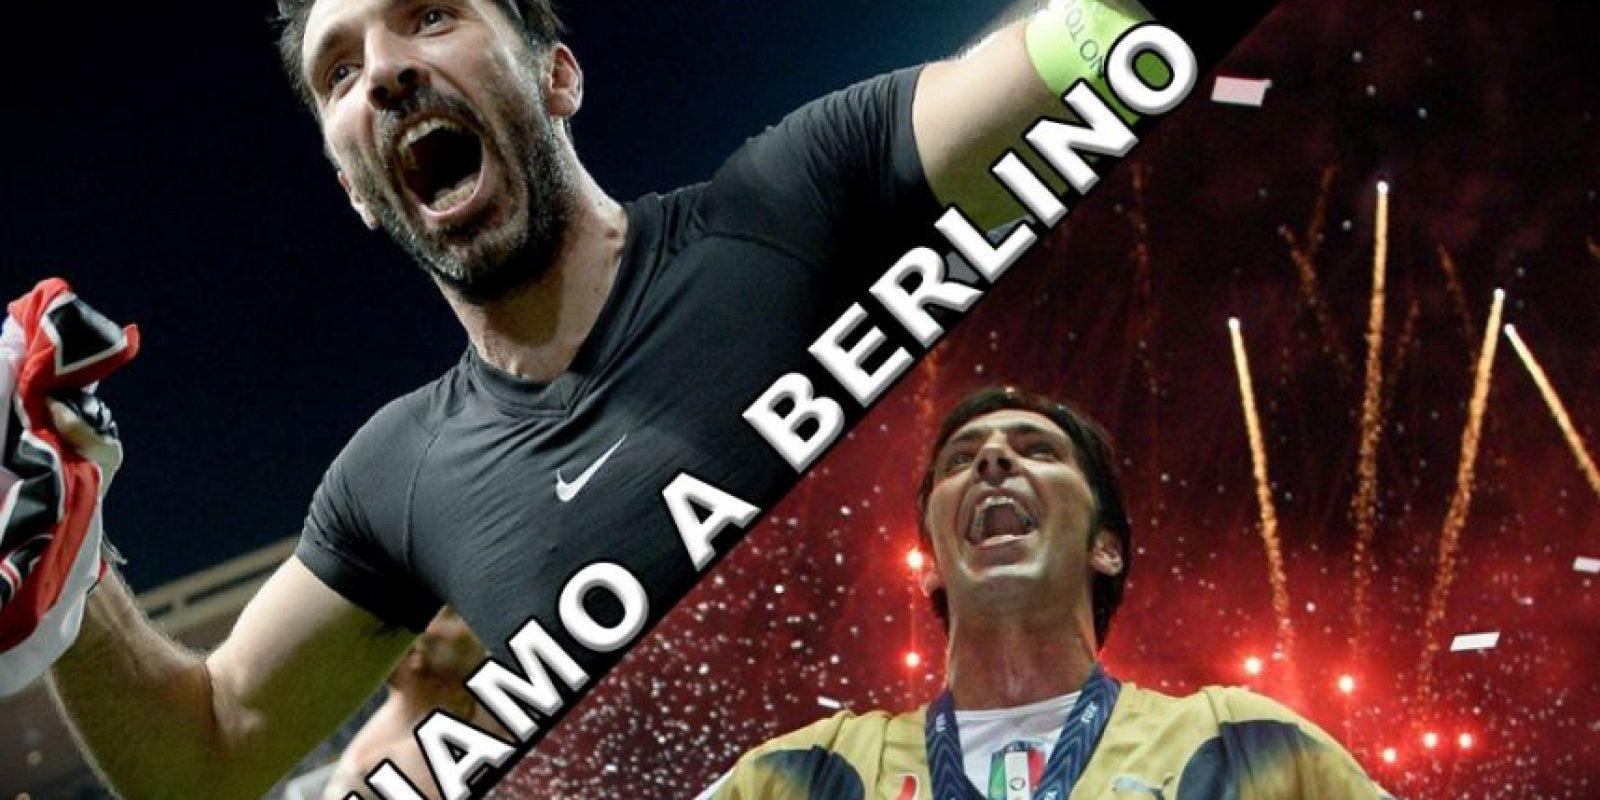 Buffon publicó en su cuenta oficial esta imagen donde informa que vuelve a Berlín, al estadio donde con Italia, se coronó campeón del mundo en Alemania 2006. Foto:Vía twitter.com/juventusfc